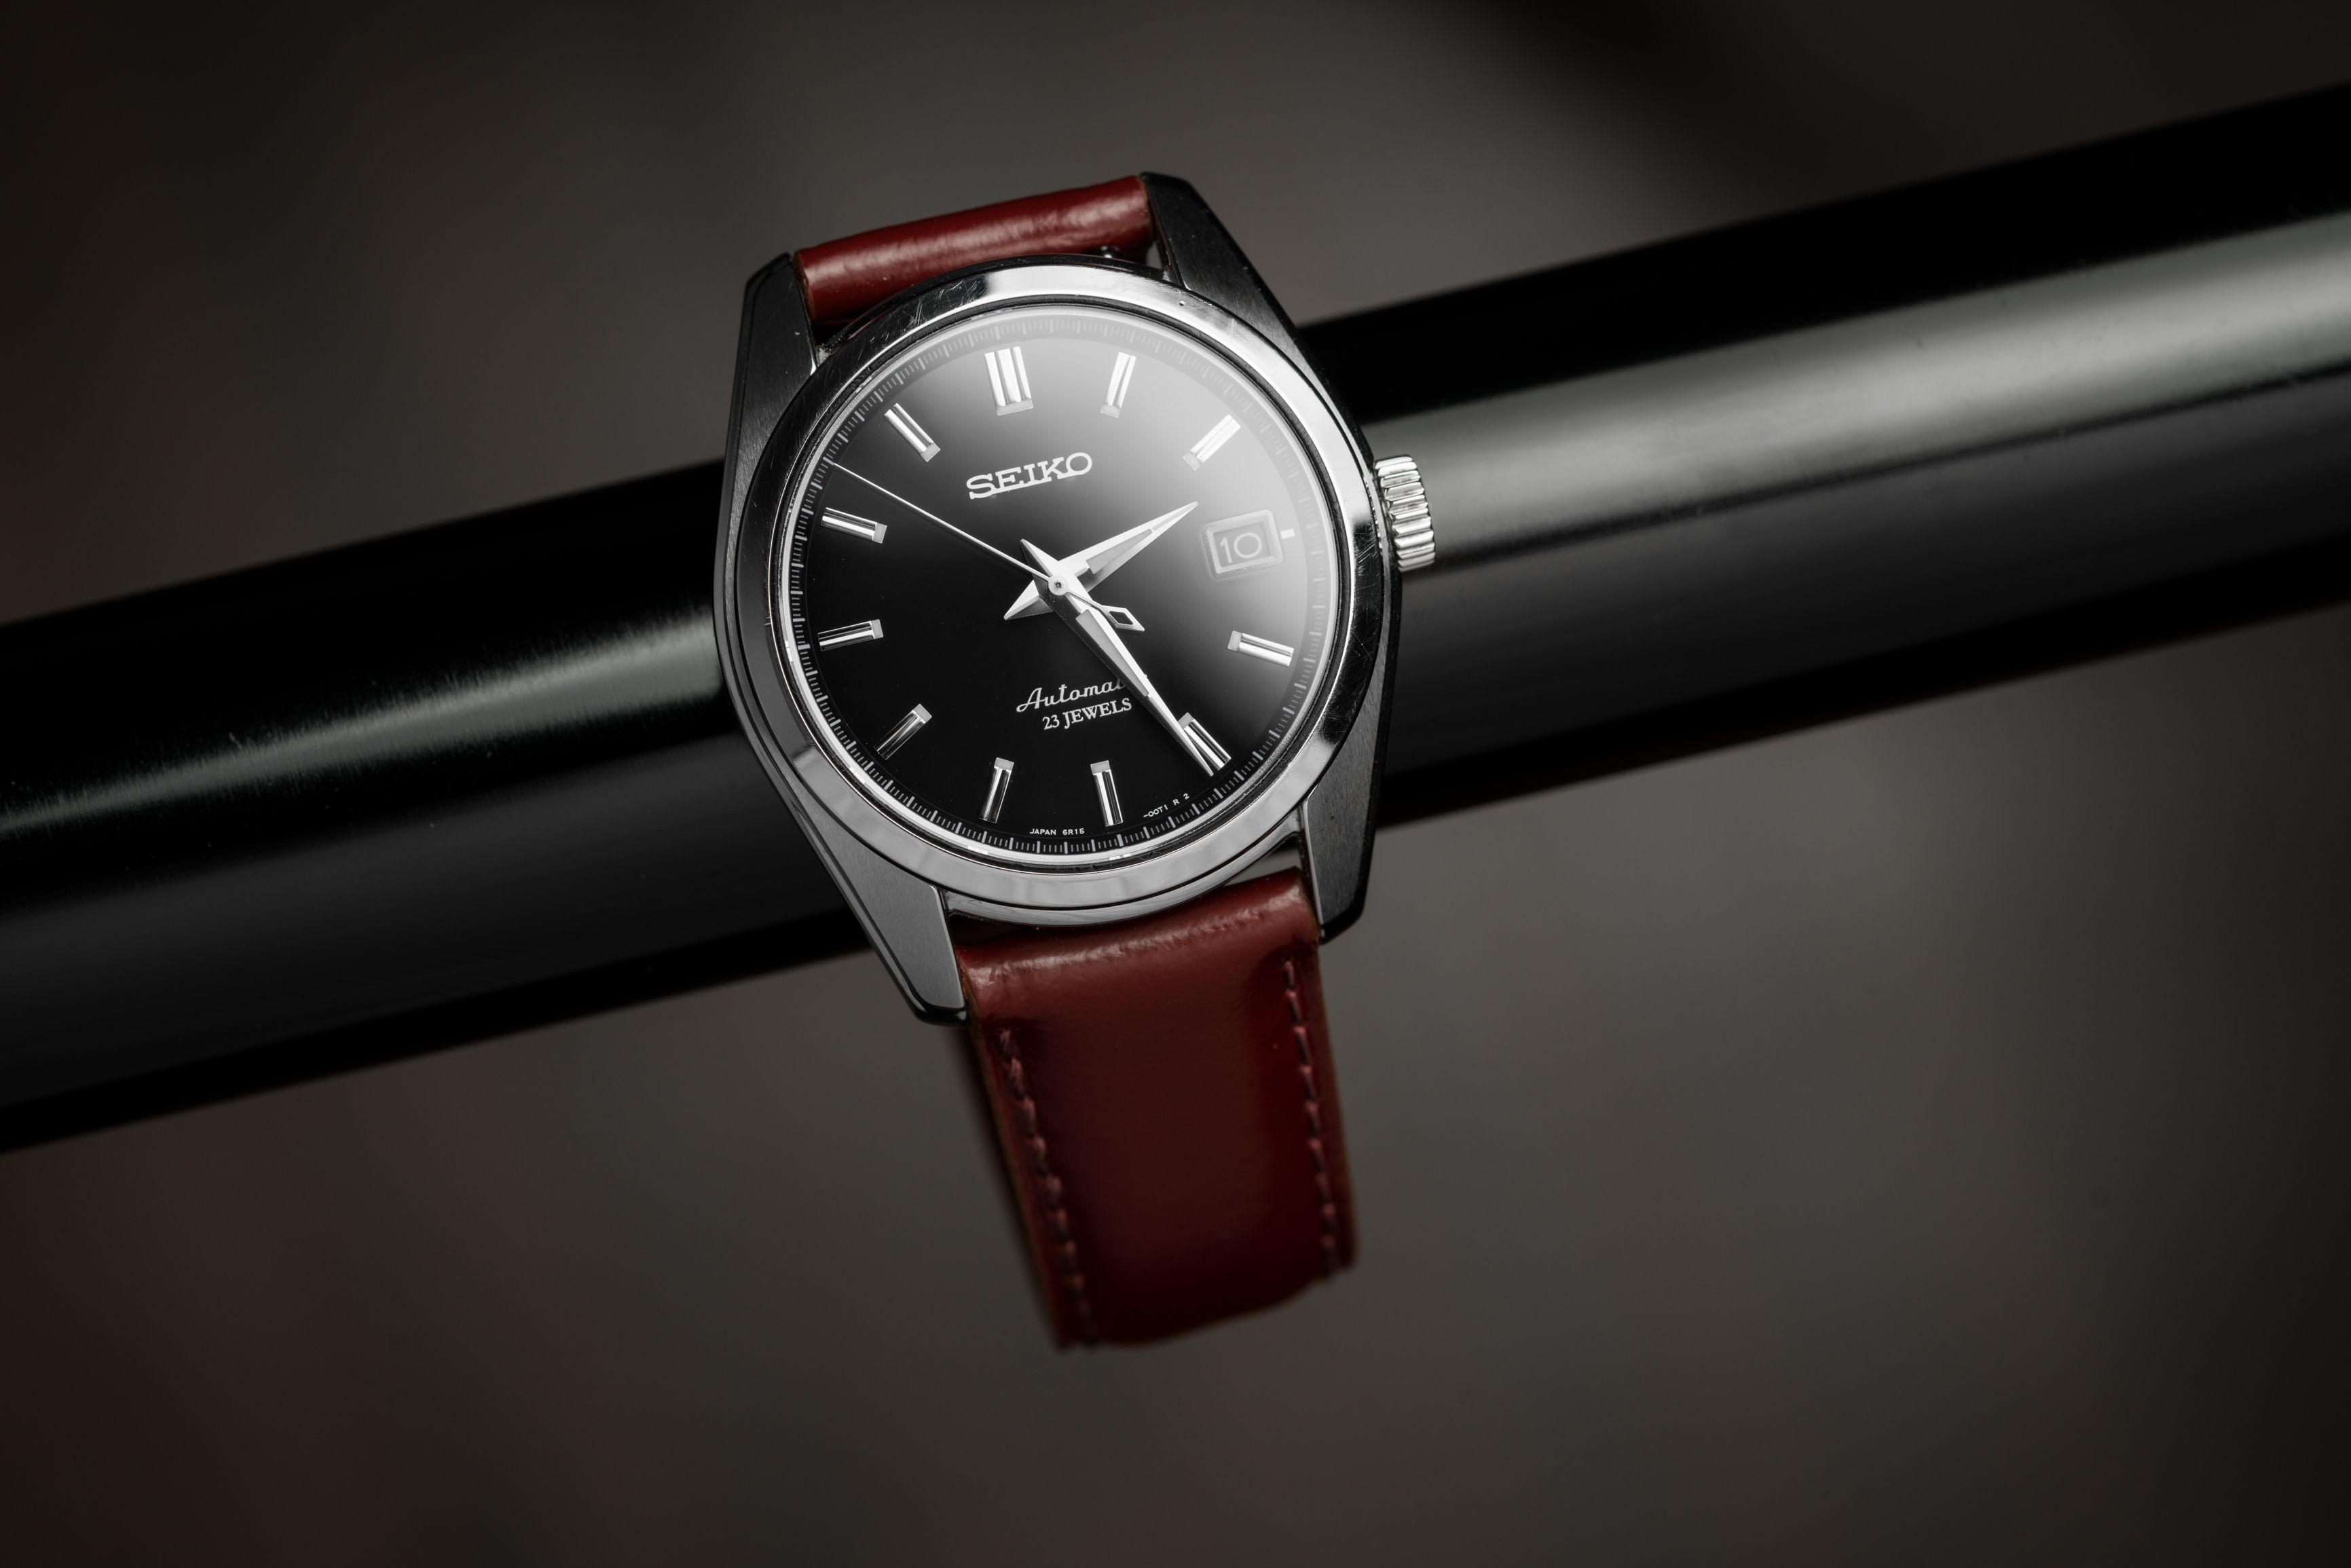 Seiko Sarb033 On Shell Cordovan Leather Strap Leather Watch Strap Leather Straps Watch Strap [ 2310 x 3463 Pixel ]